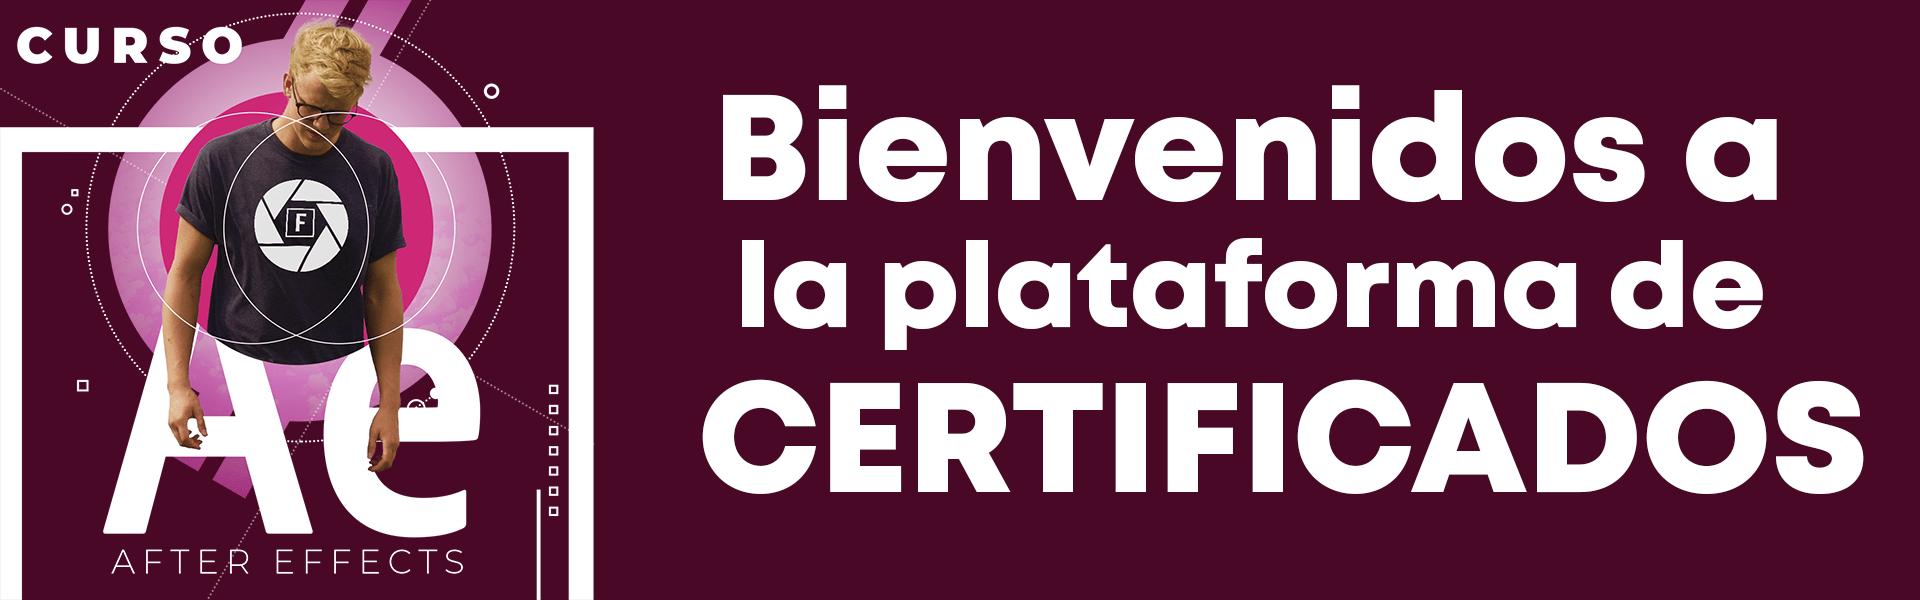 Plataforma Certificados